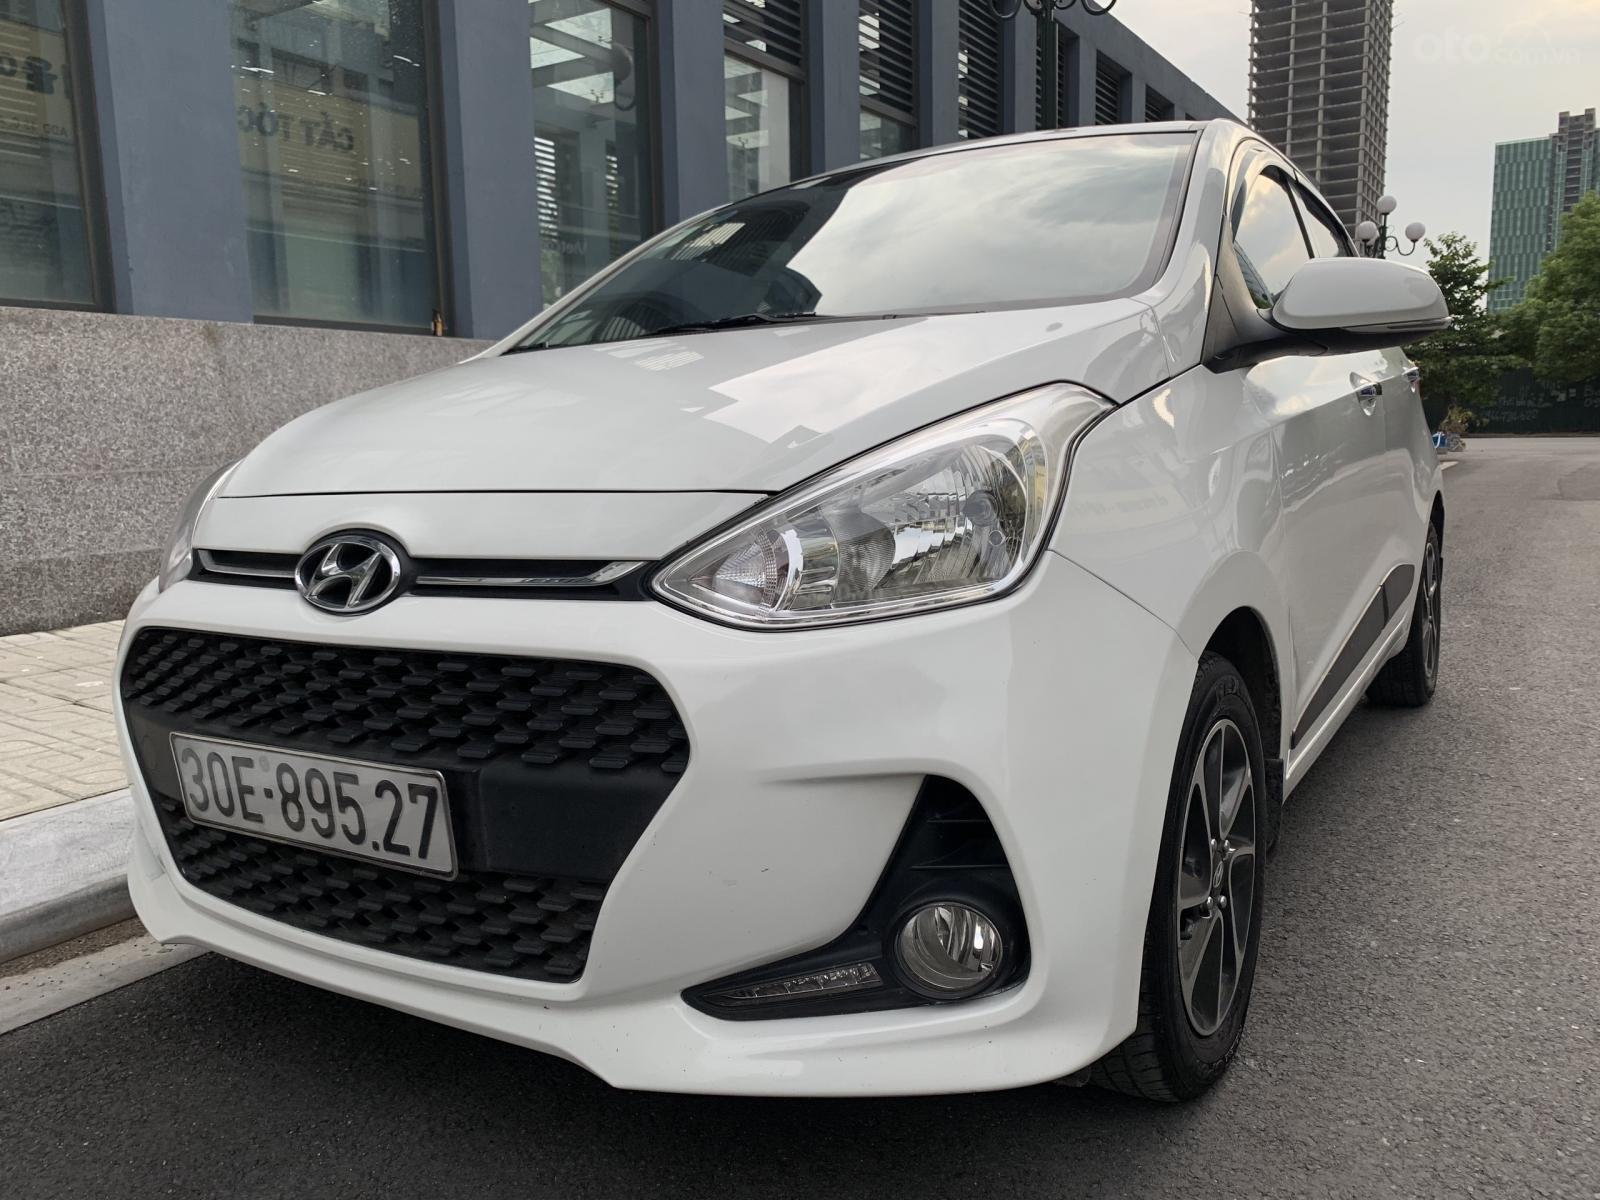 Cần bán xe Hyundai Grand i10 1.2AT Hatchback sản xuất 2017, màu trắng, nhập khẩu nguyên chiếc, 390tr (1)